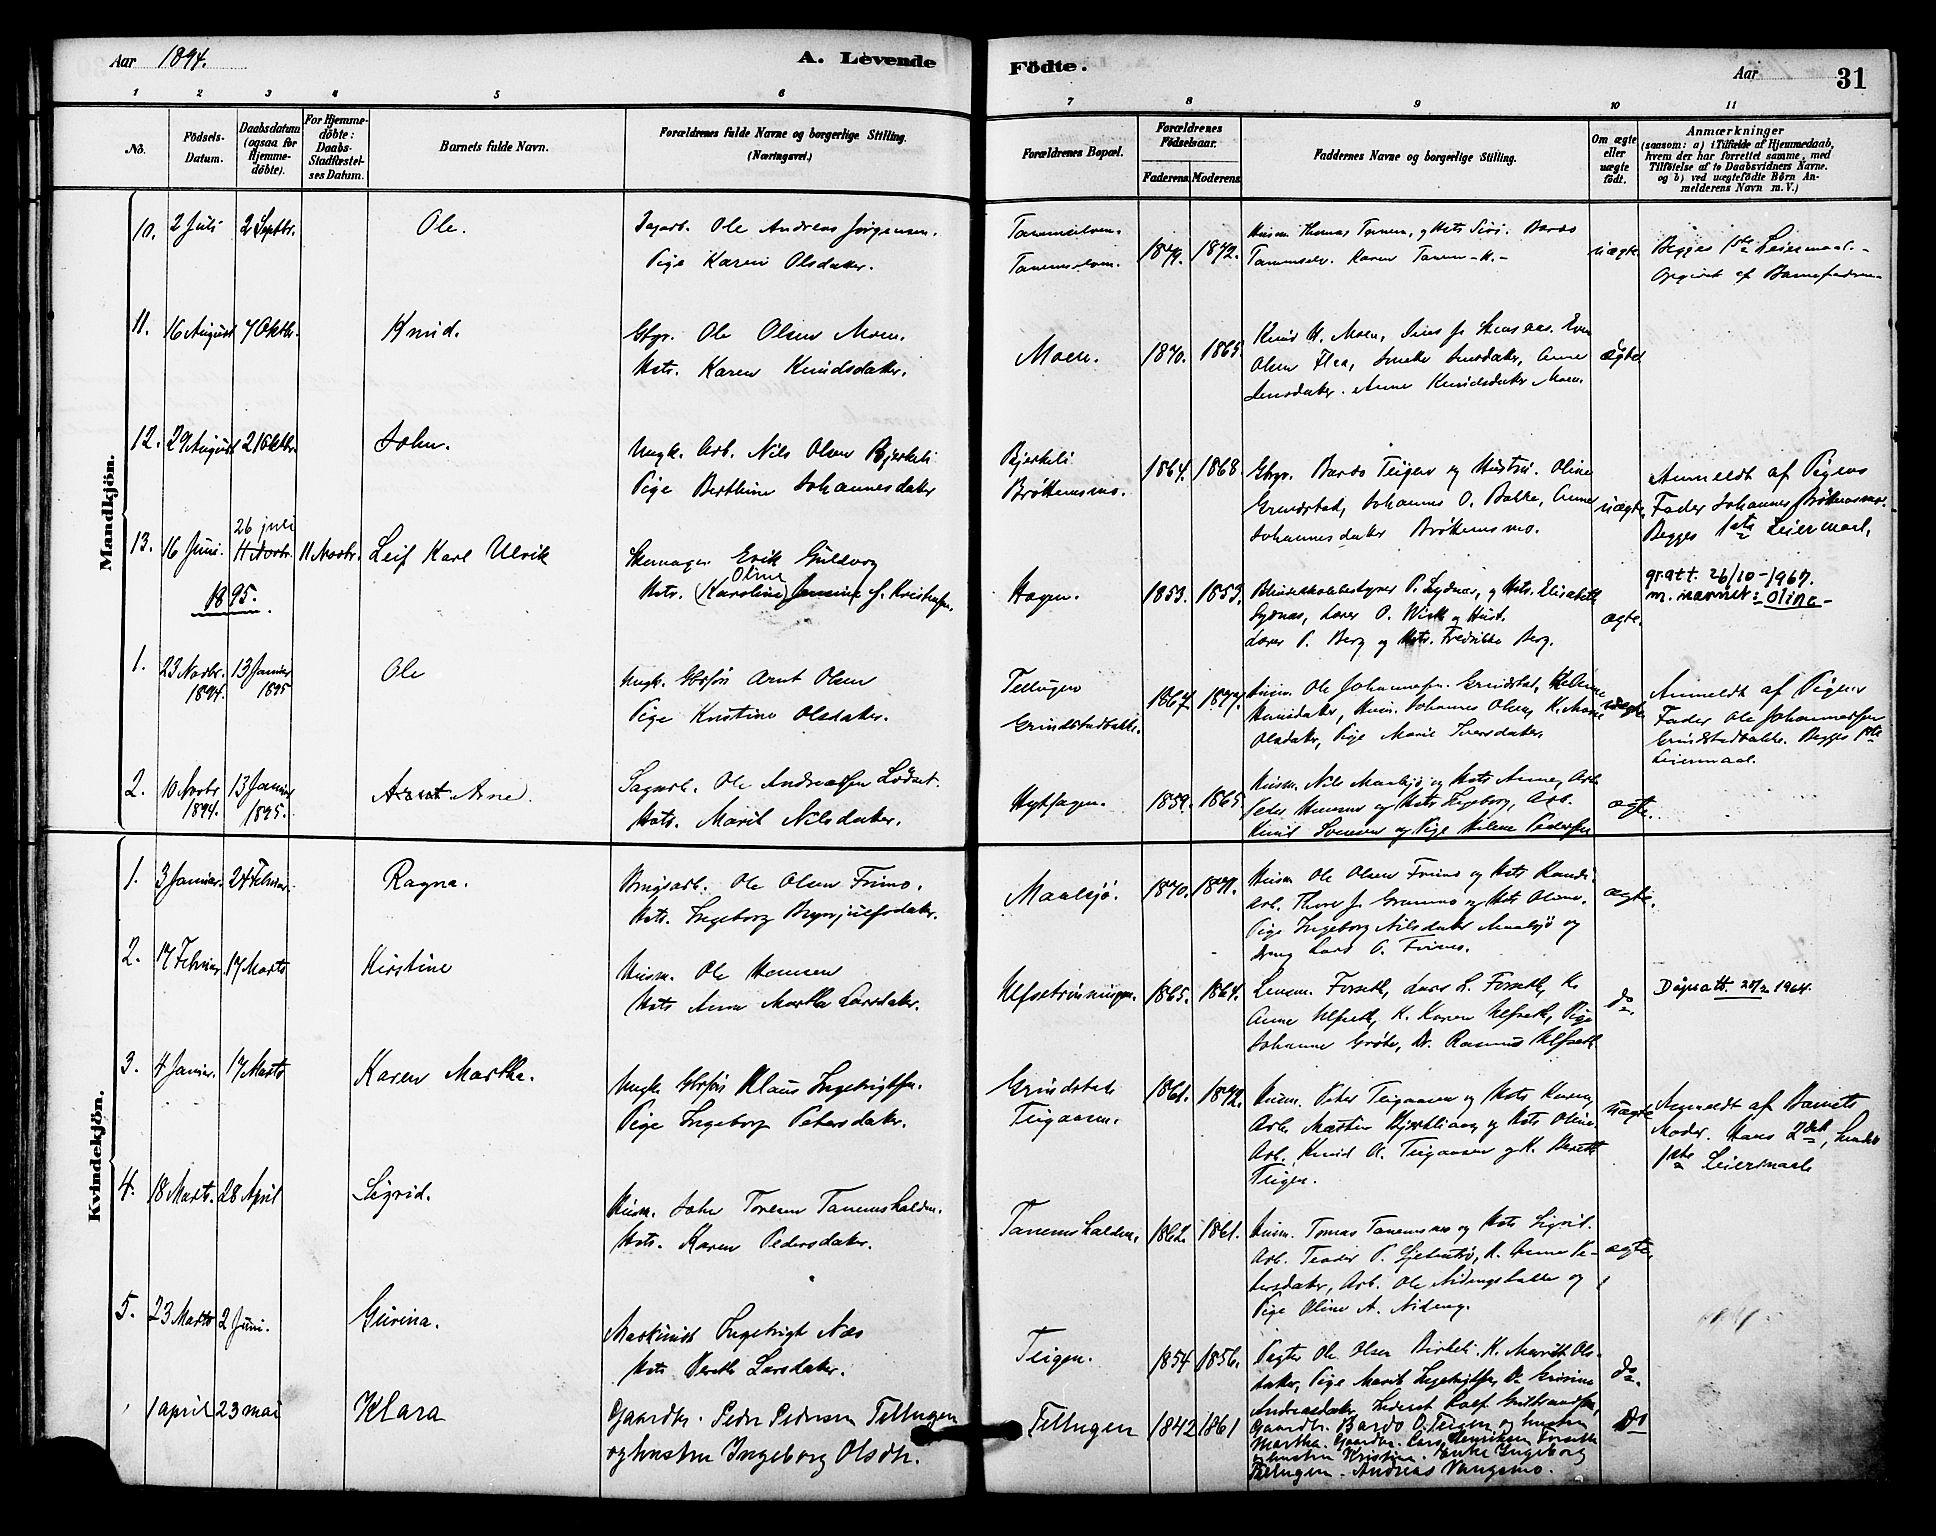 SAT, Ministerialprotokoller, klokkerbøker og fødselsregistre - Sør-Trøndelag, 618/L0444: Ministerialbok nr. 618A07, 1880-1898, s. 31